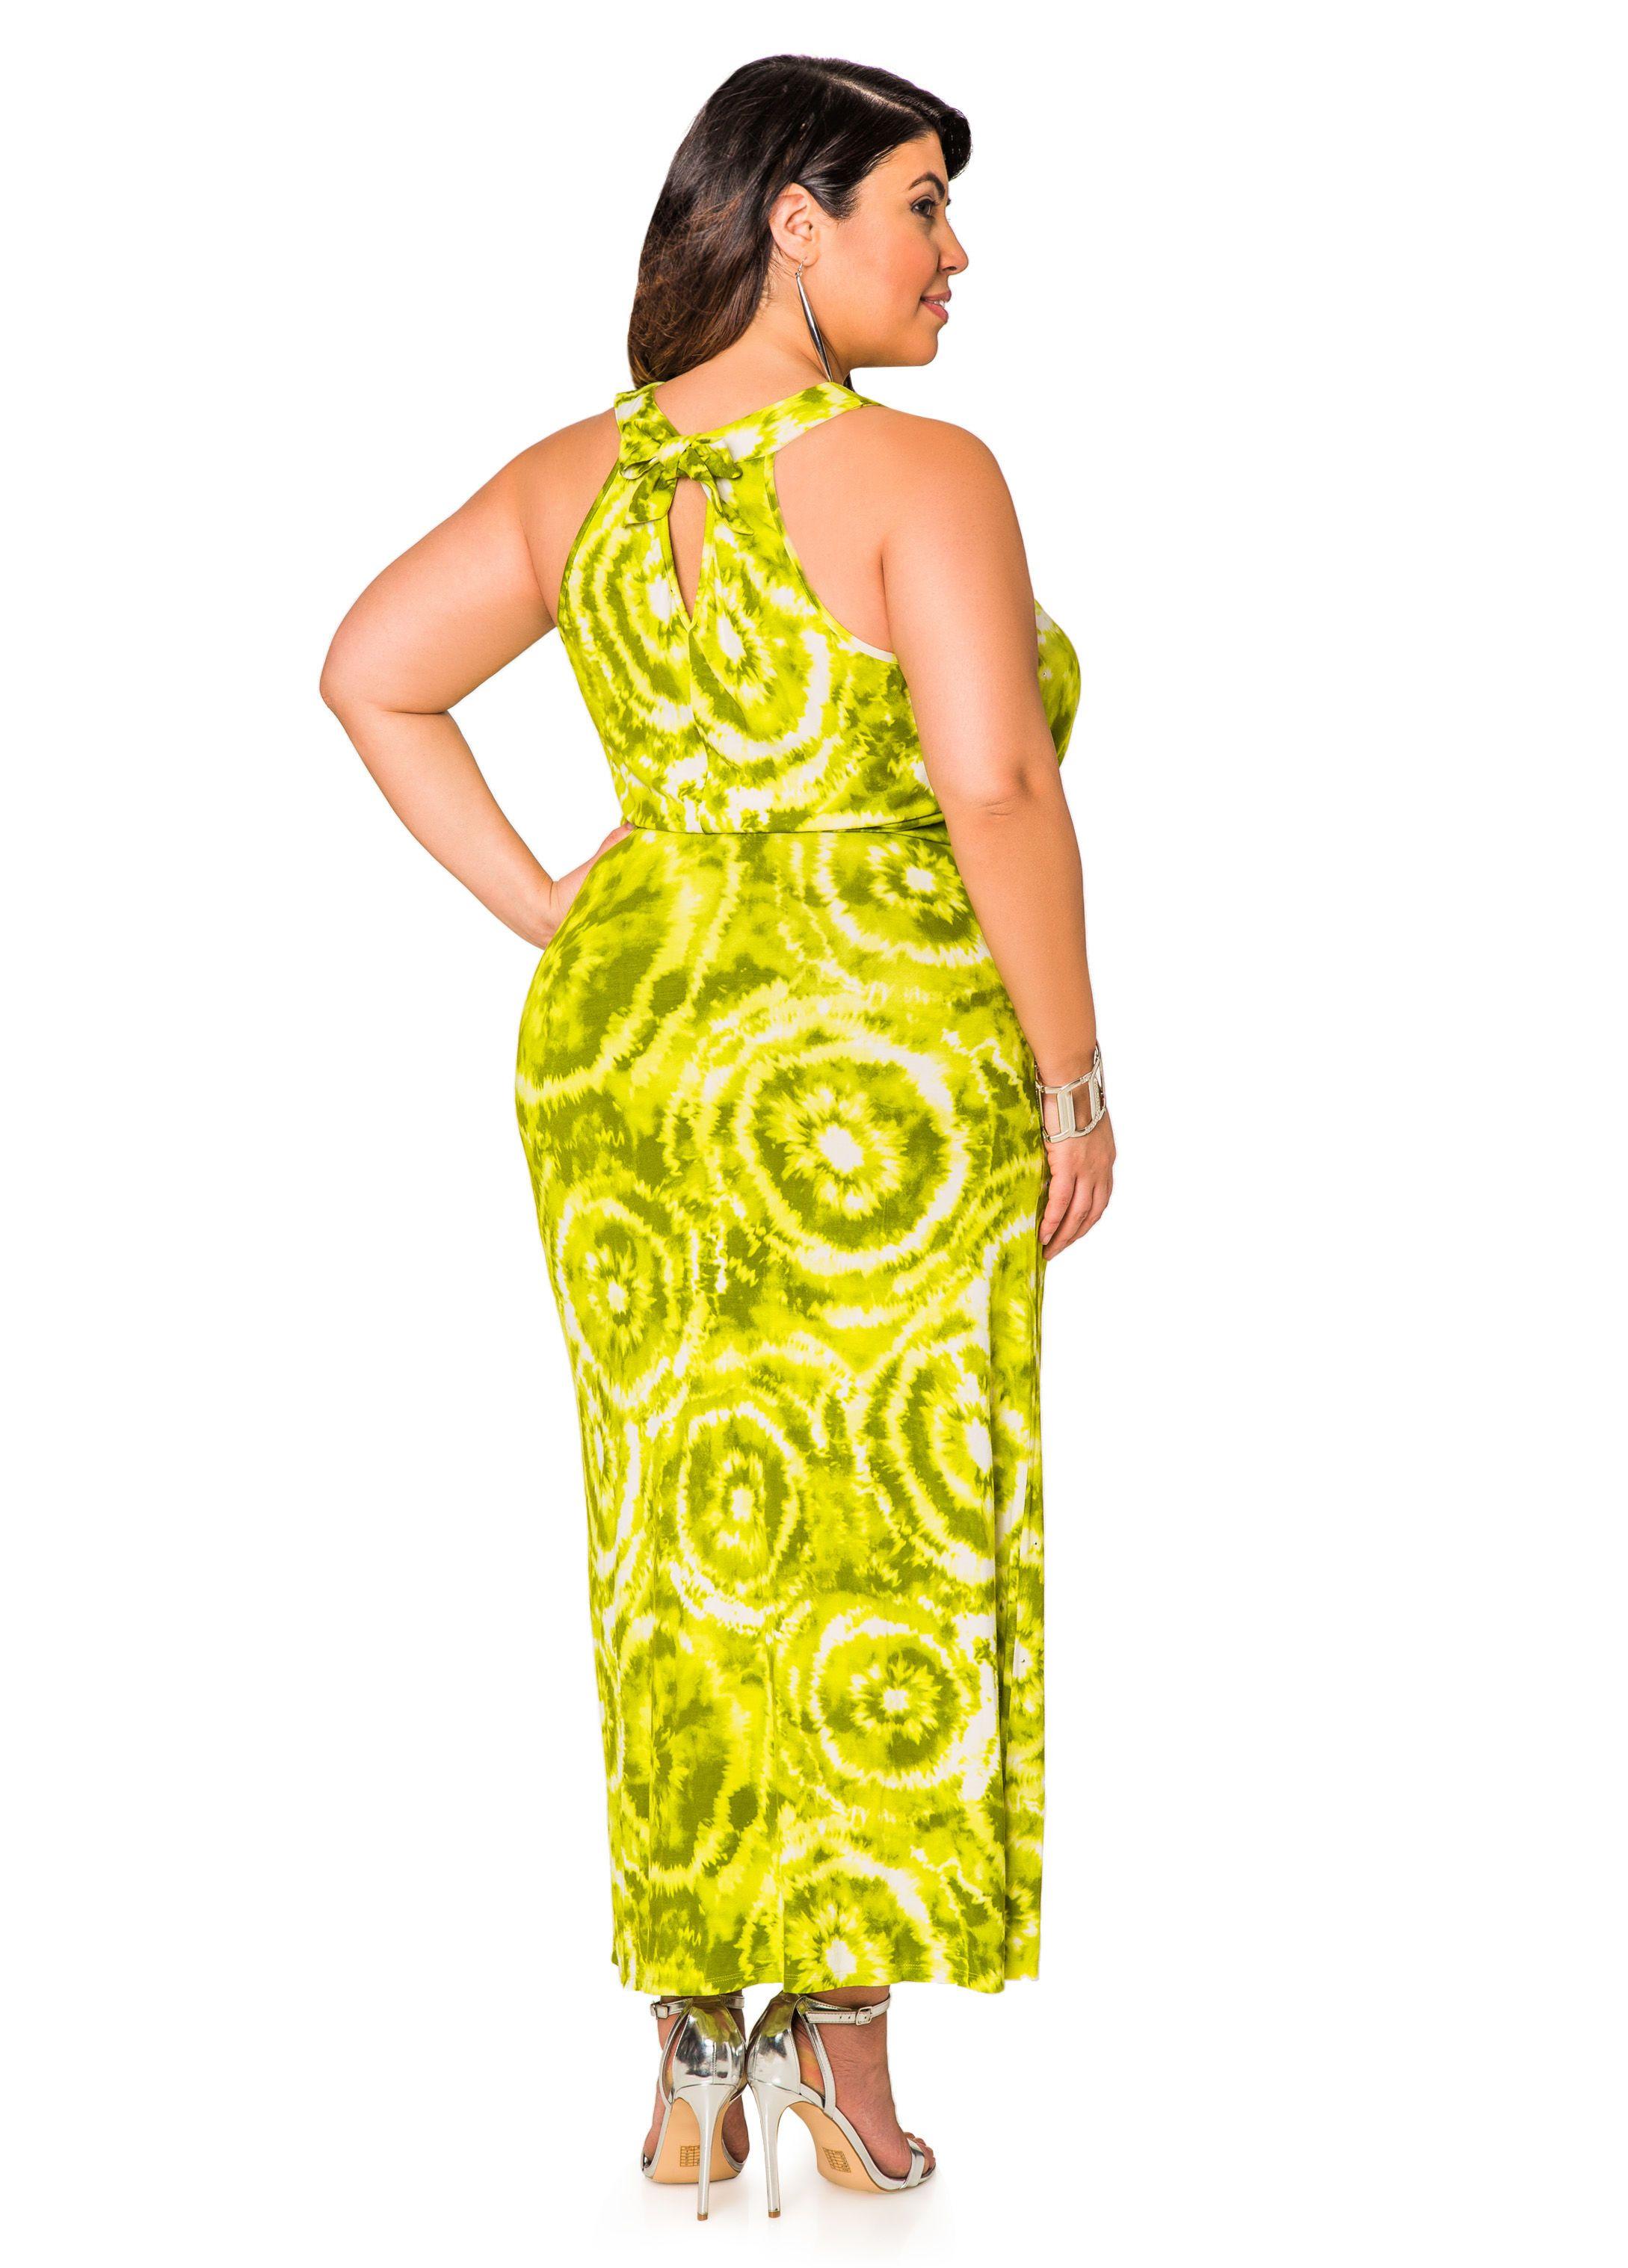 Stud Front Tie Dye Halter Maxi Dress Plus Size Dresses Ashley Stewart Halter Maxi Dresses Dresses Plus Size Maxi Dresses [ 3035 x 2178 Pixel ]